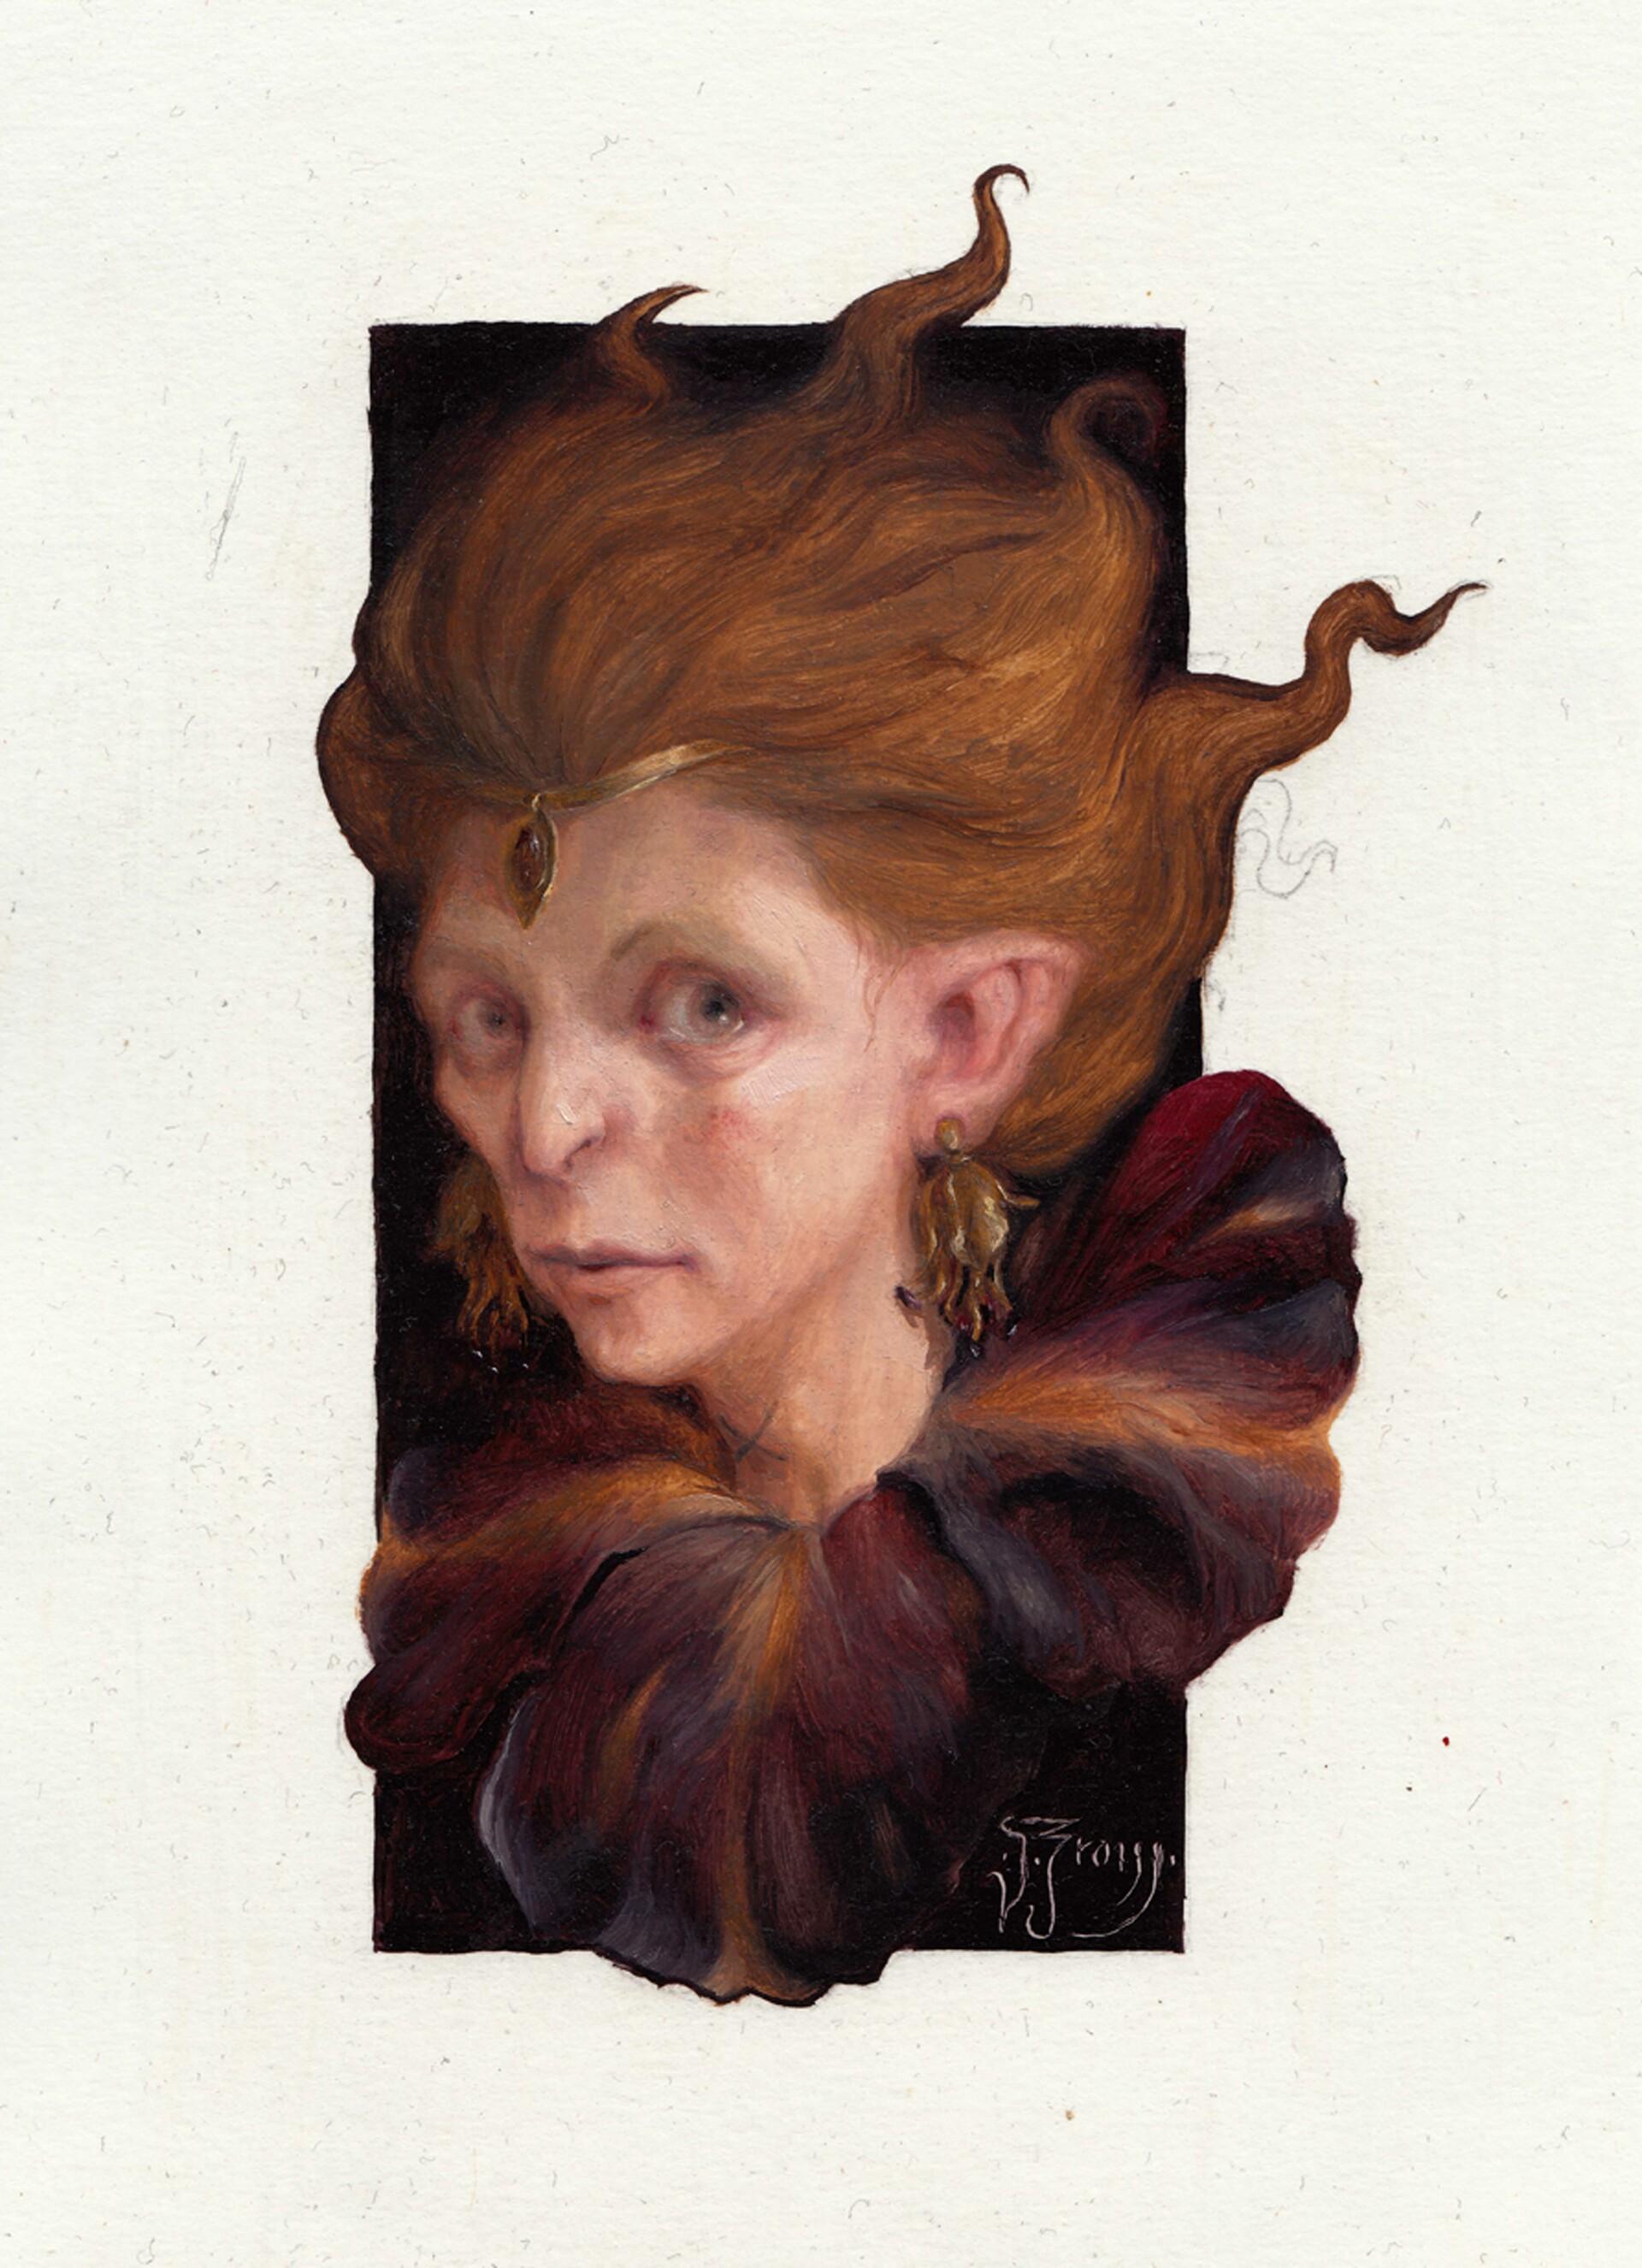 Full Faerie Queene painting